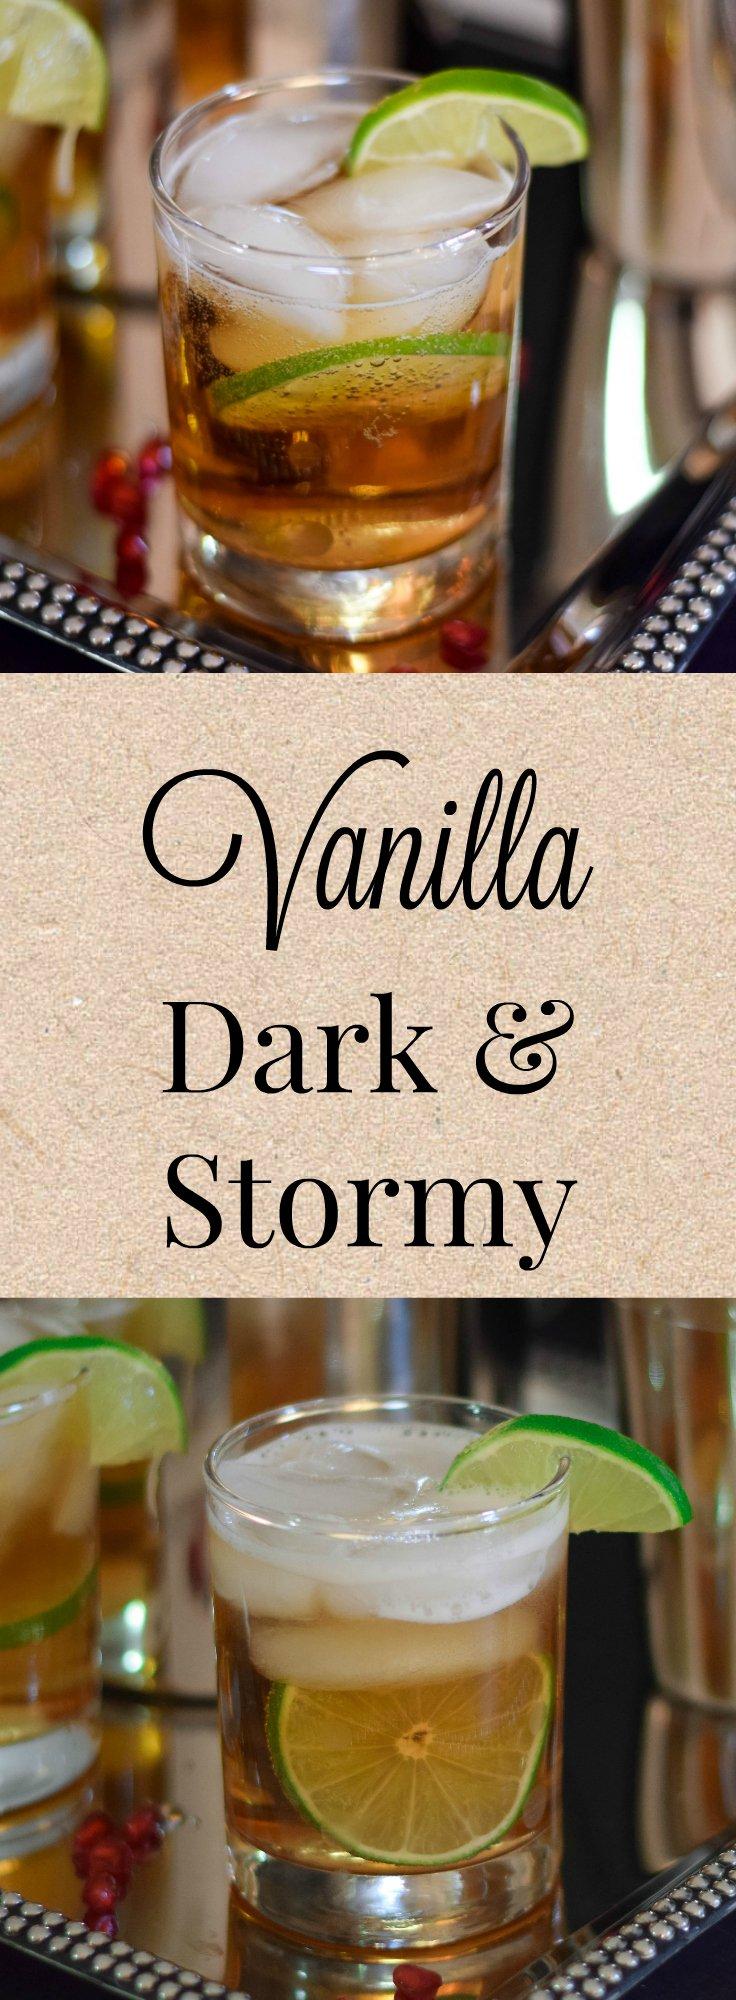 Vanilla Dark and Stormy